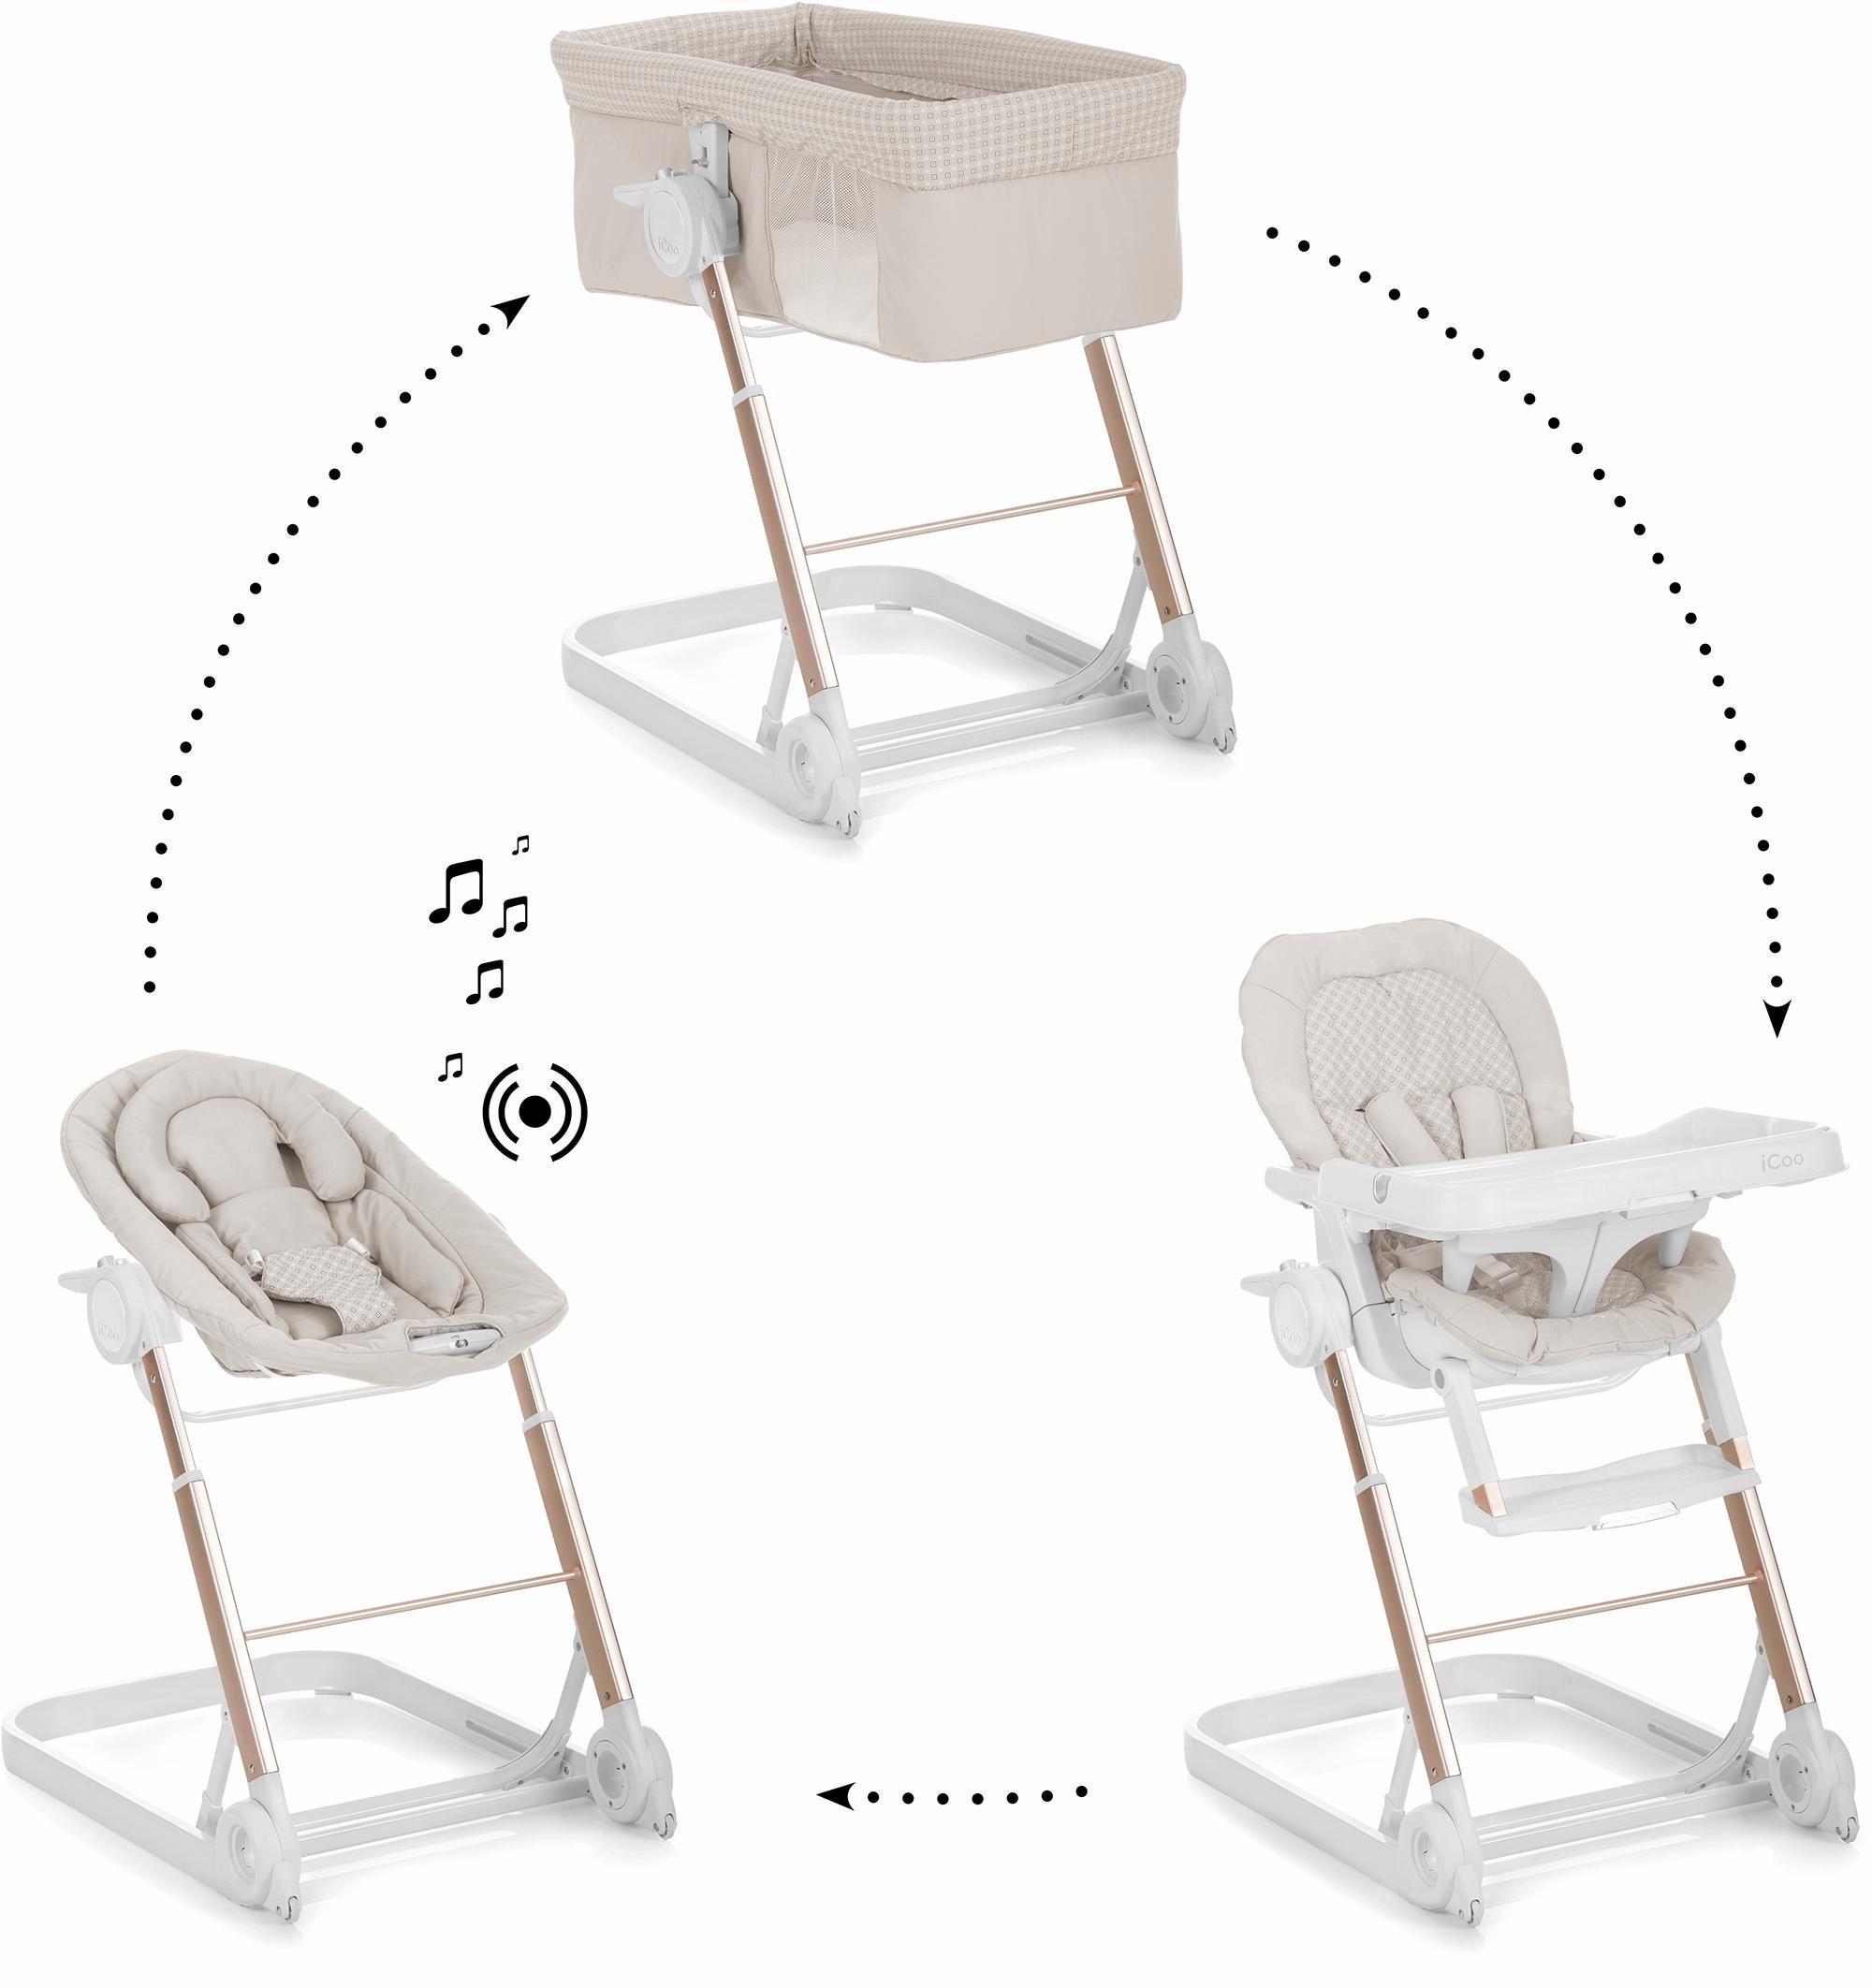 Kinderstoel Baby 0 Maanden.Icoo 3 In 1 Complete Set Babyledikantje En Kinderstoel Grow With